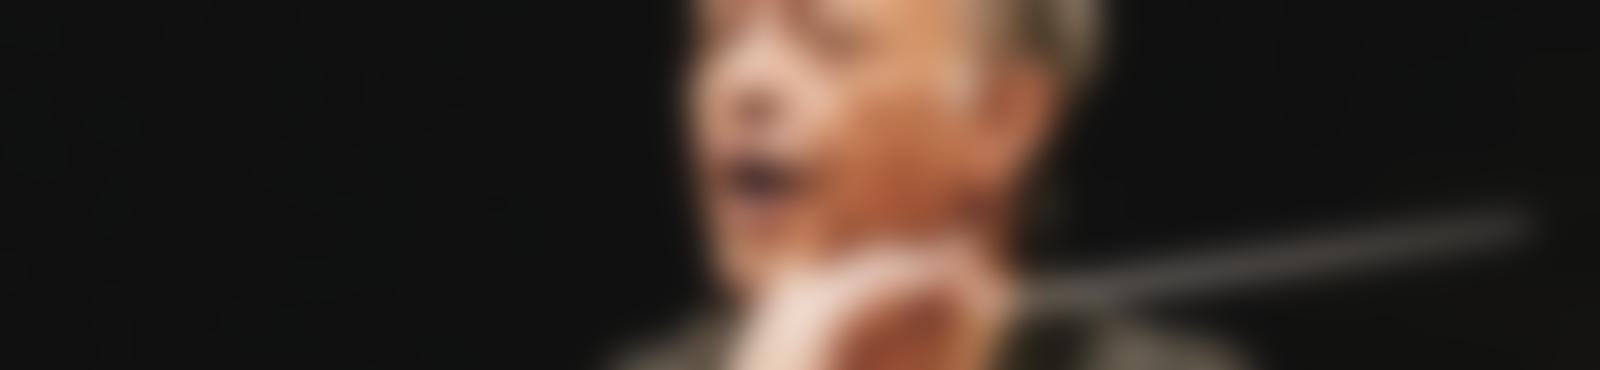 Blurred 6a2f6a46 f4d8 43bf bb8b d23b38b021a4